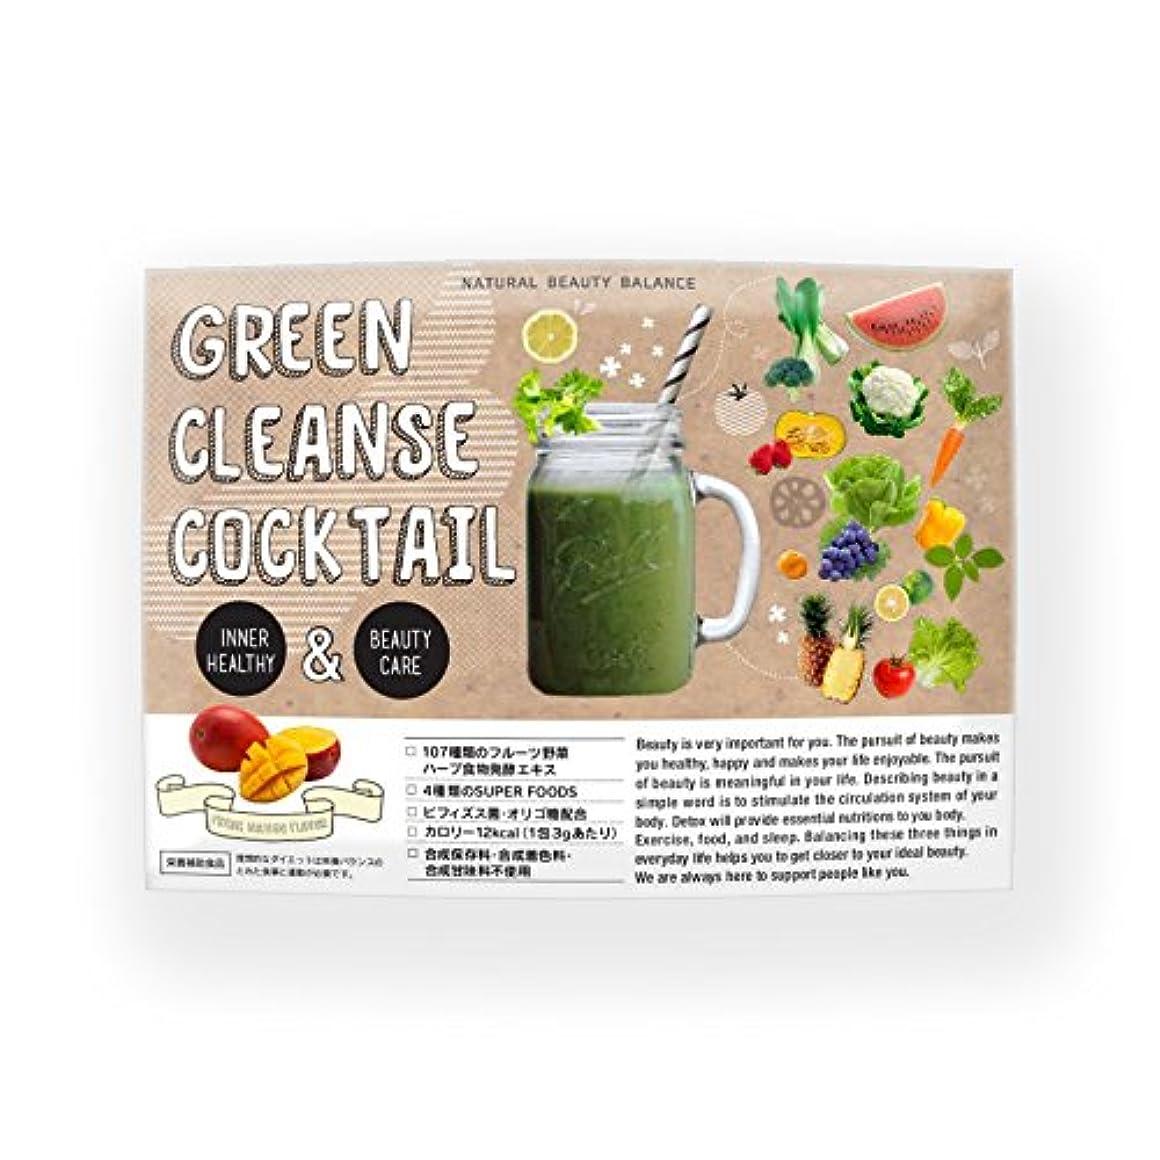 シアー投獄曲がったNatural Beauty Balance グリーンクレンズカクテル Green Cleanse Coktail ダイエット 30包